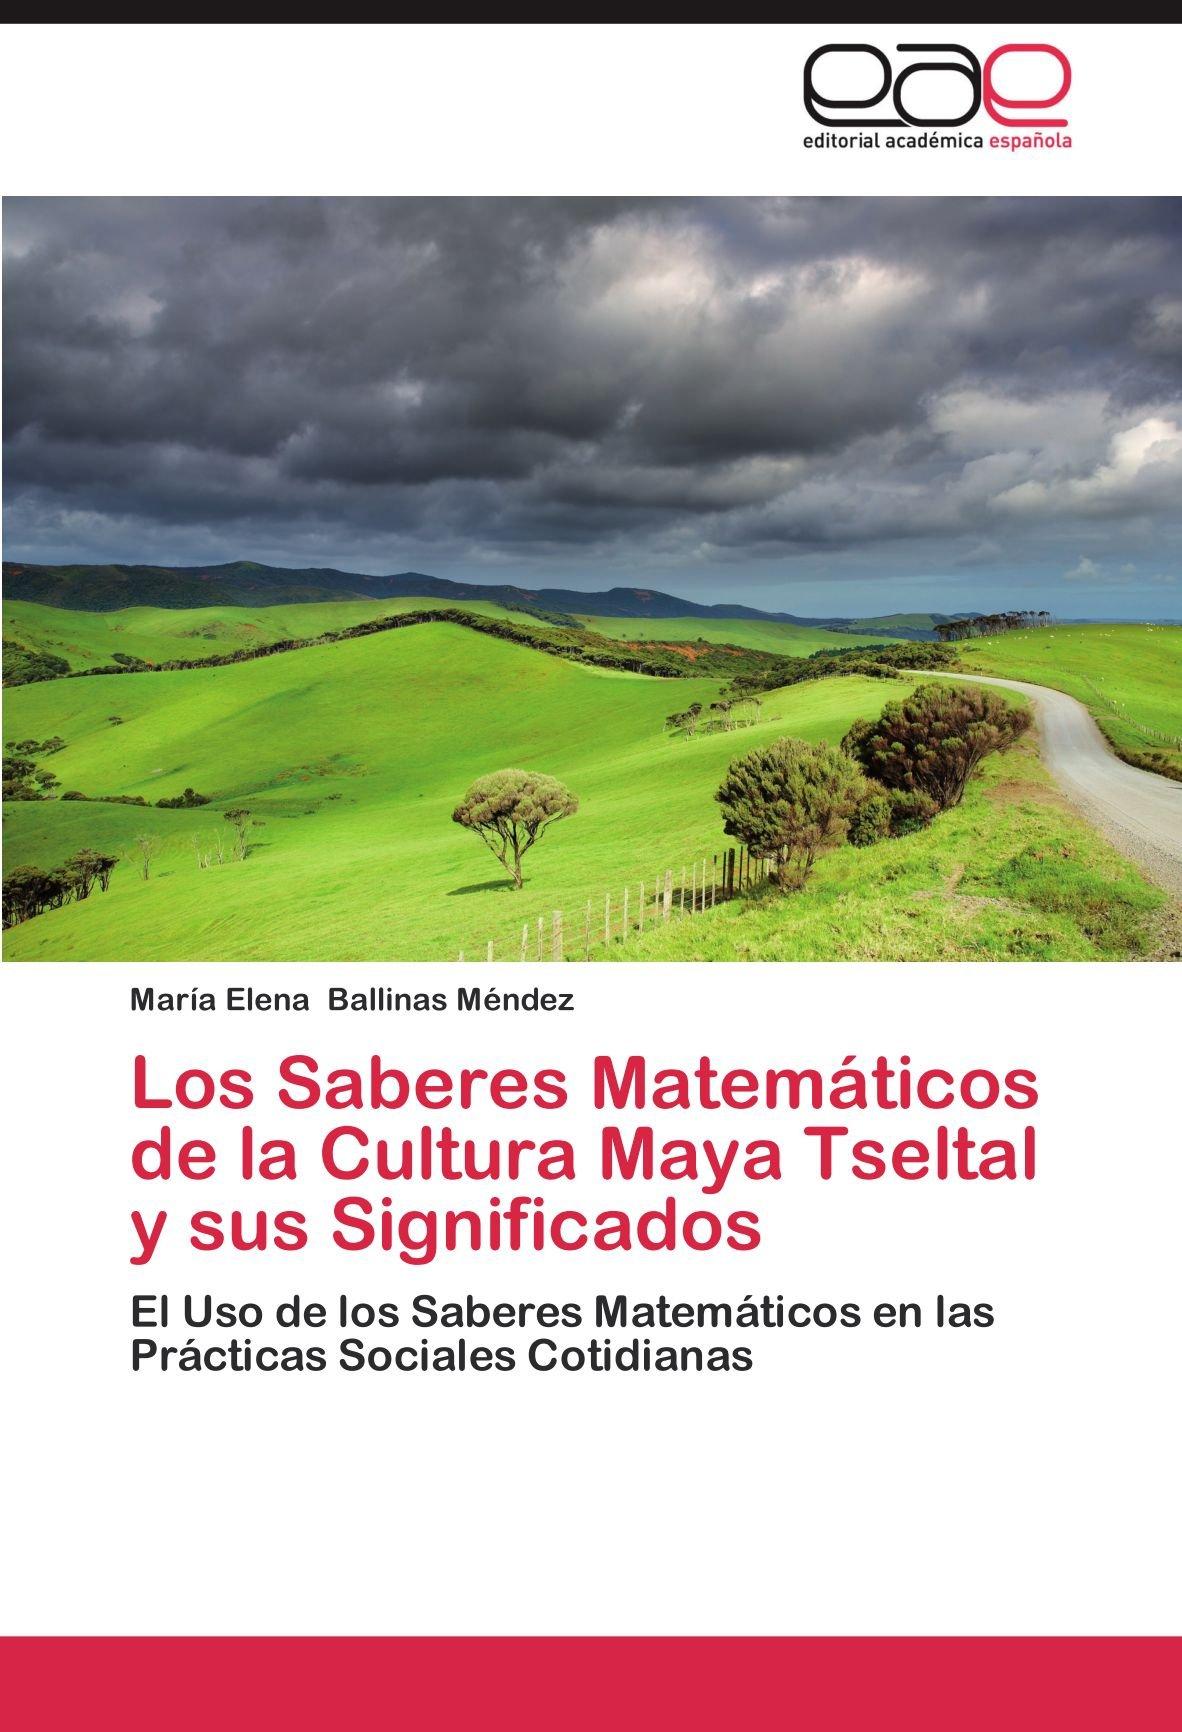 Los Saberes Matemáticos de la Cultura Maya Tseltal y sus Significados: El Uso de los Saberes Matemáticos en las Prácticas Sociales Cotidianas (Spanish ...